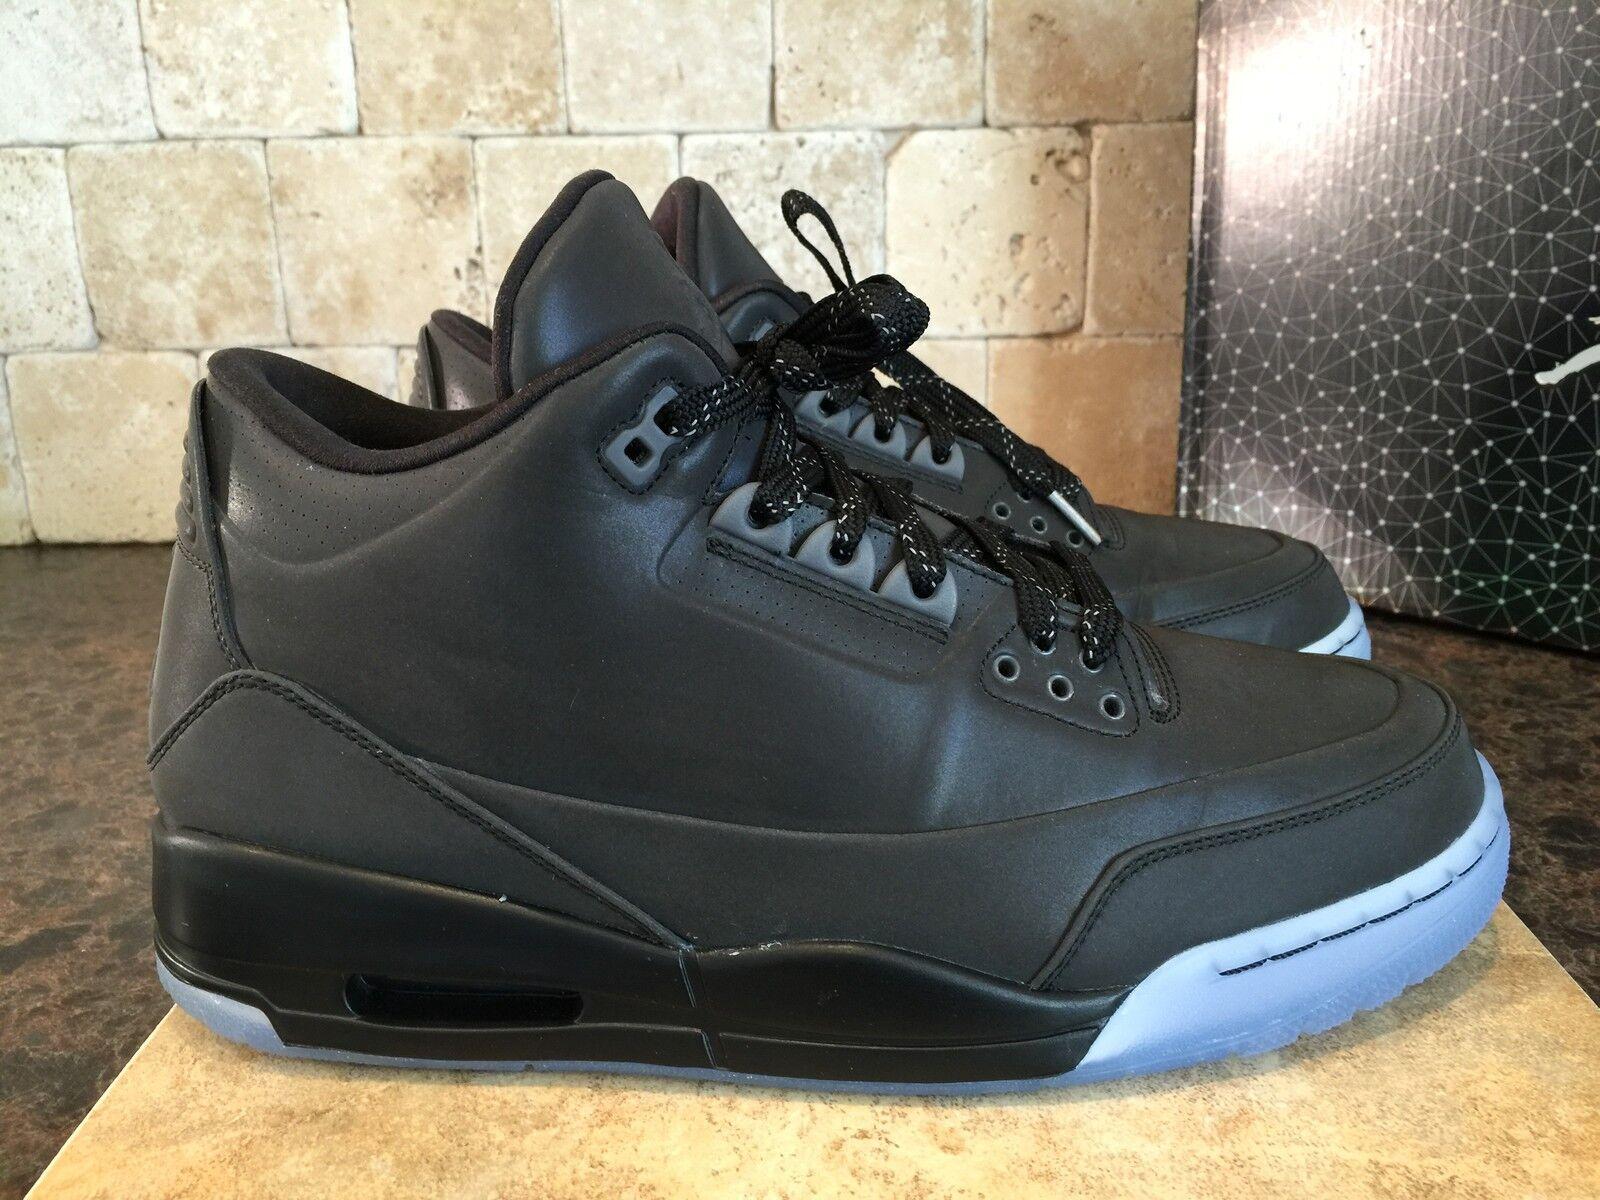 JORDAN 5LAB3 Chaussures Homme Taille 9.5 631603 010 Noir Noir clair excellent état utilisé